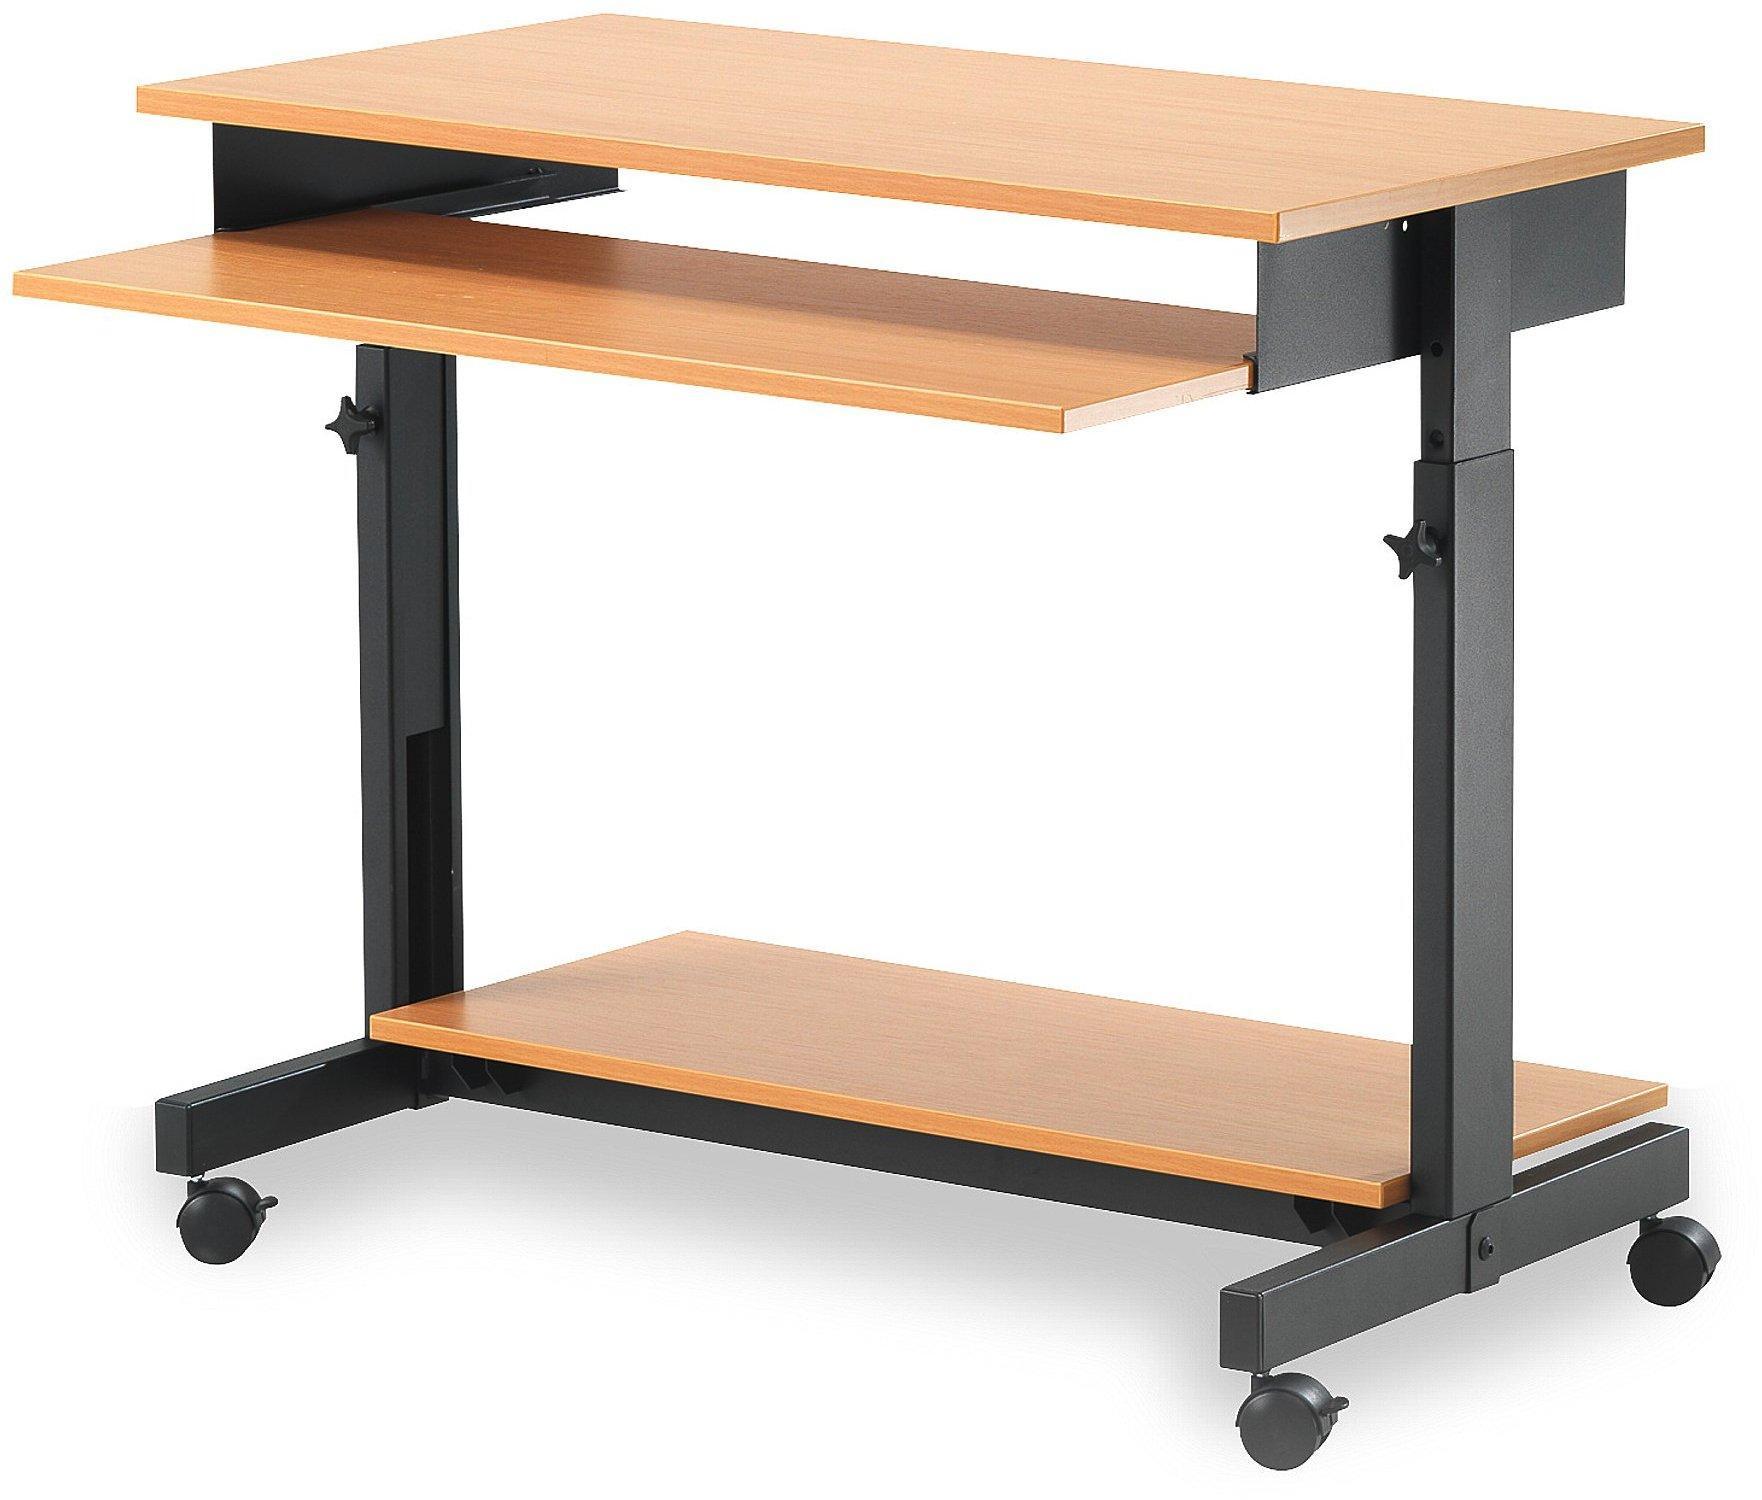 Počítačový stôl Logic, výškovo nastaviteľný, 880x500 mm, buk/čierna